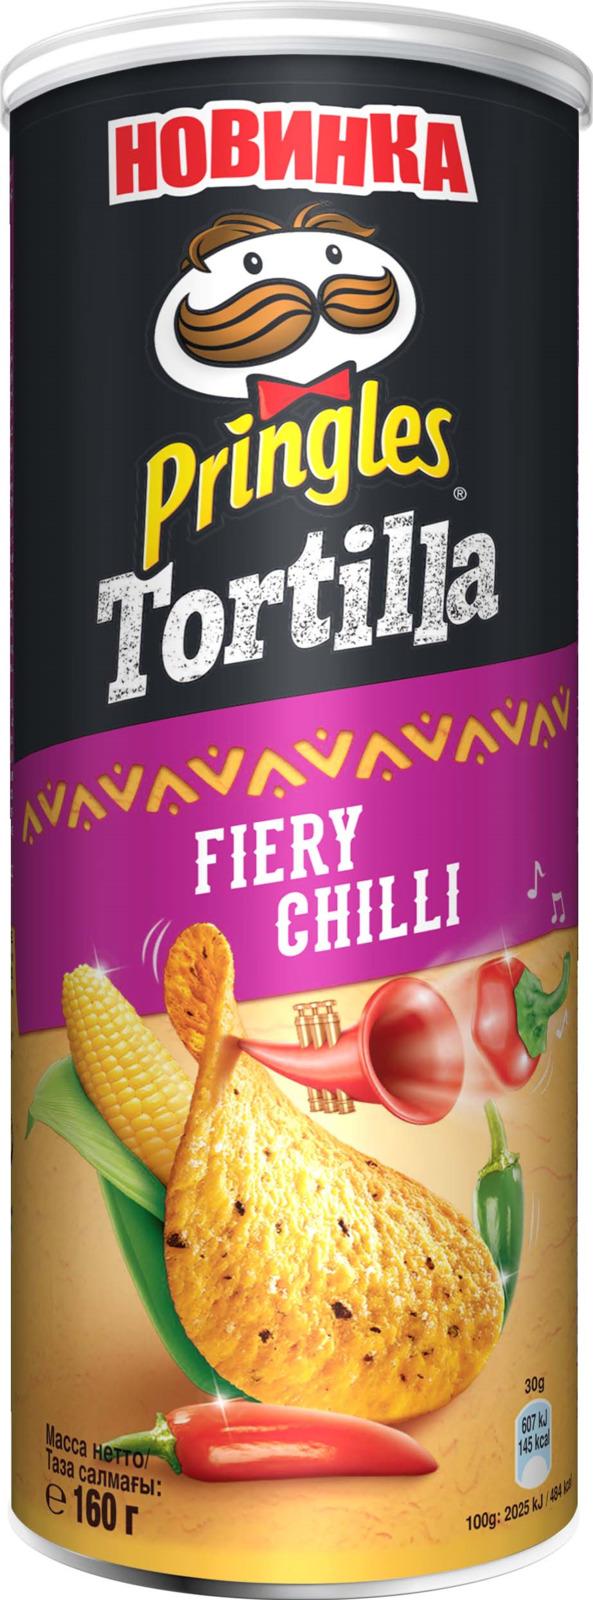 Фото - Чипсы Pringles Tortilla кукурузные со вкусом острого перца чили, 160 г pringles картофельные чипсы со вкусом краба 70 г